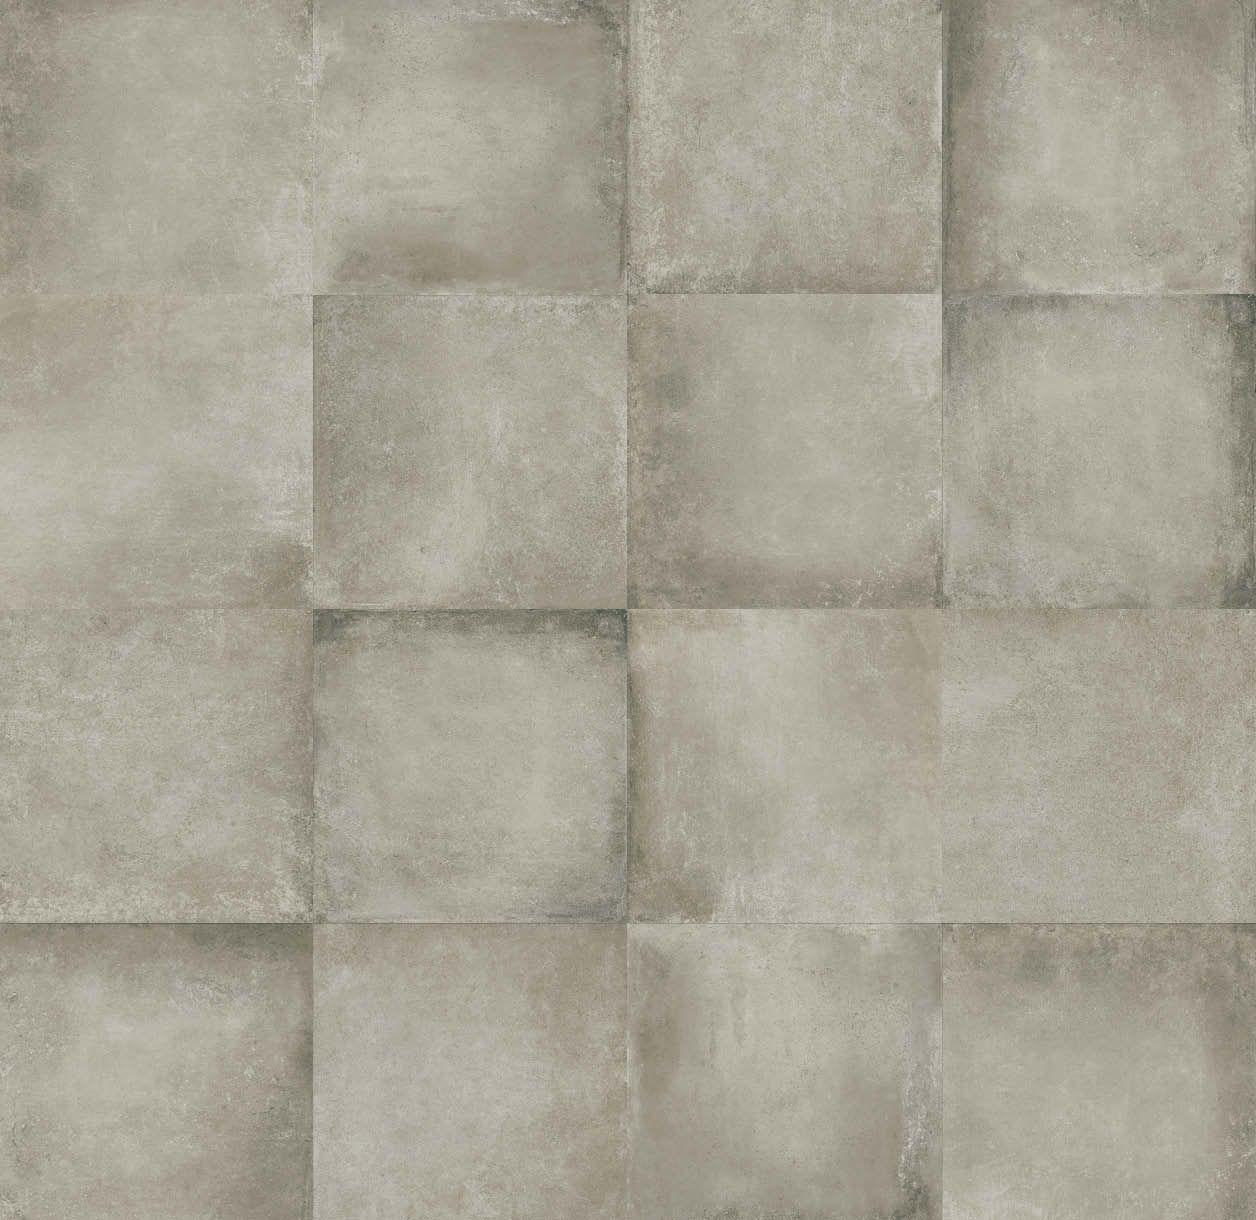 Ceramic Tile That Looks Like Cement Tile RevolutionHR - Ceramic tile that looks like cement tile